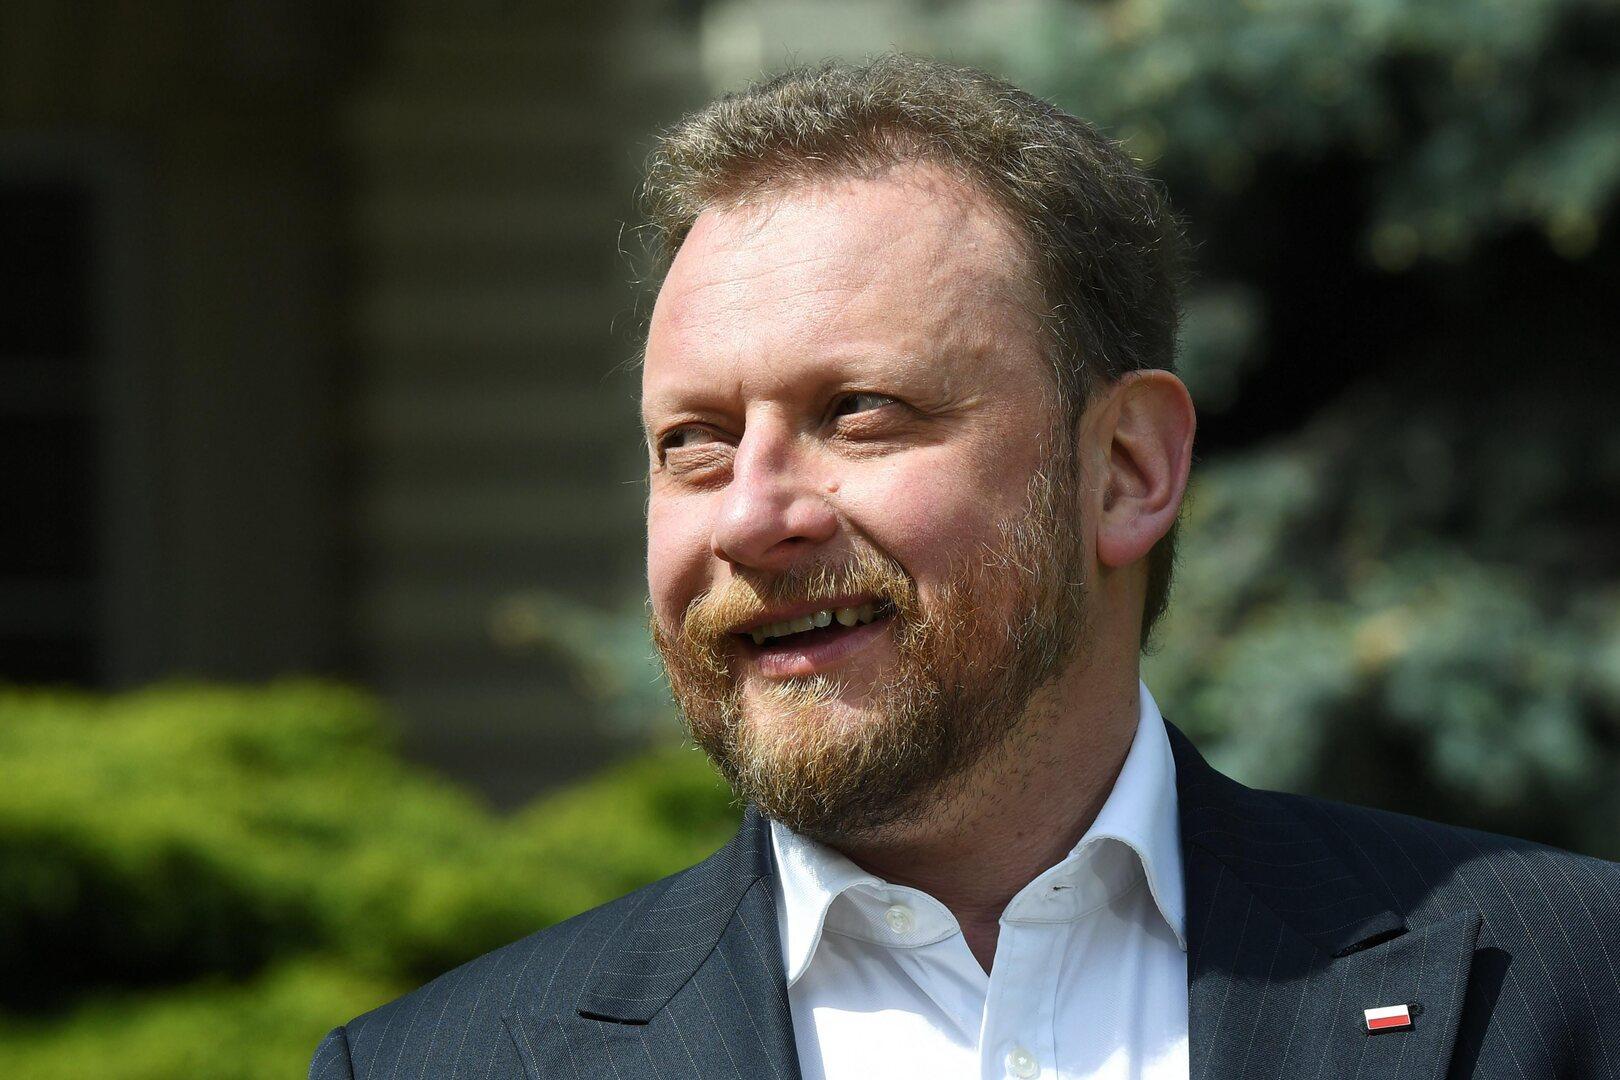 وزير الصحة البولندي ينفي اتهامات الفساد الموجهة إليه